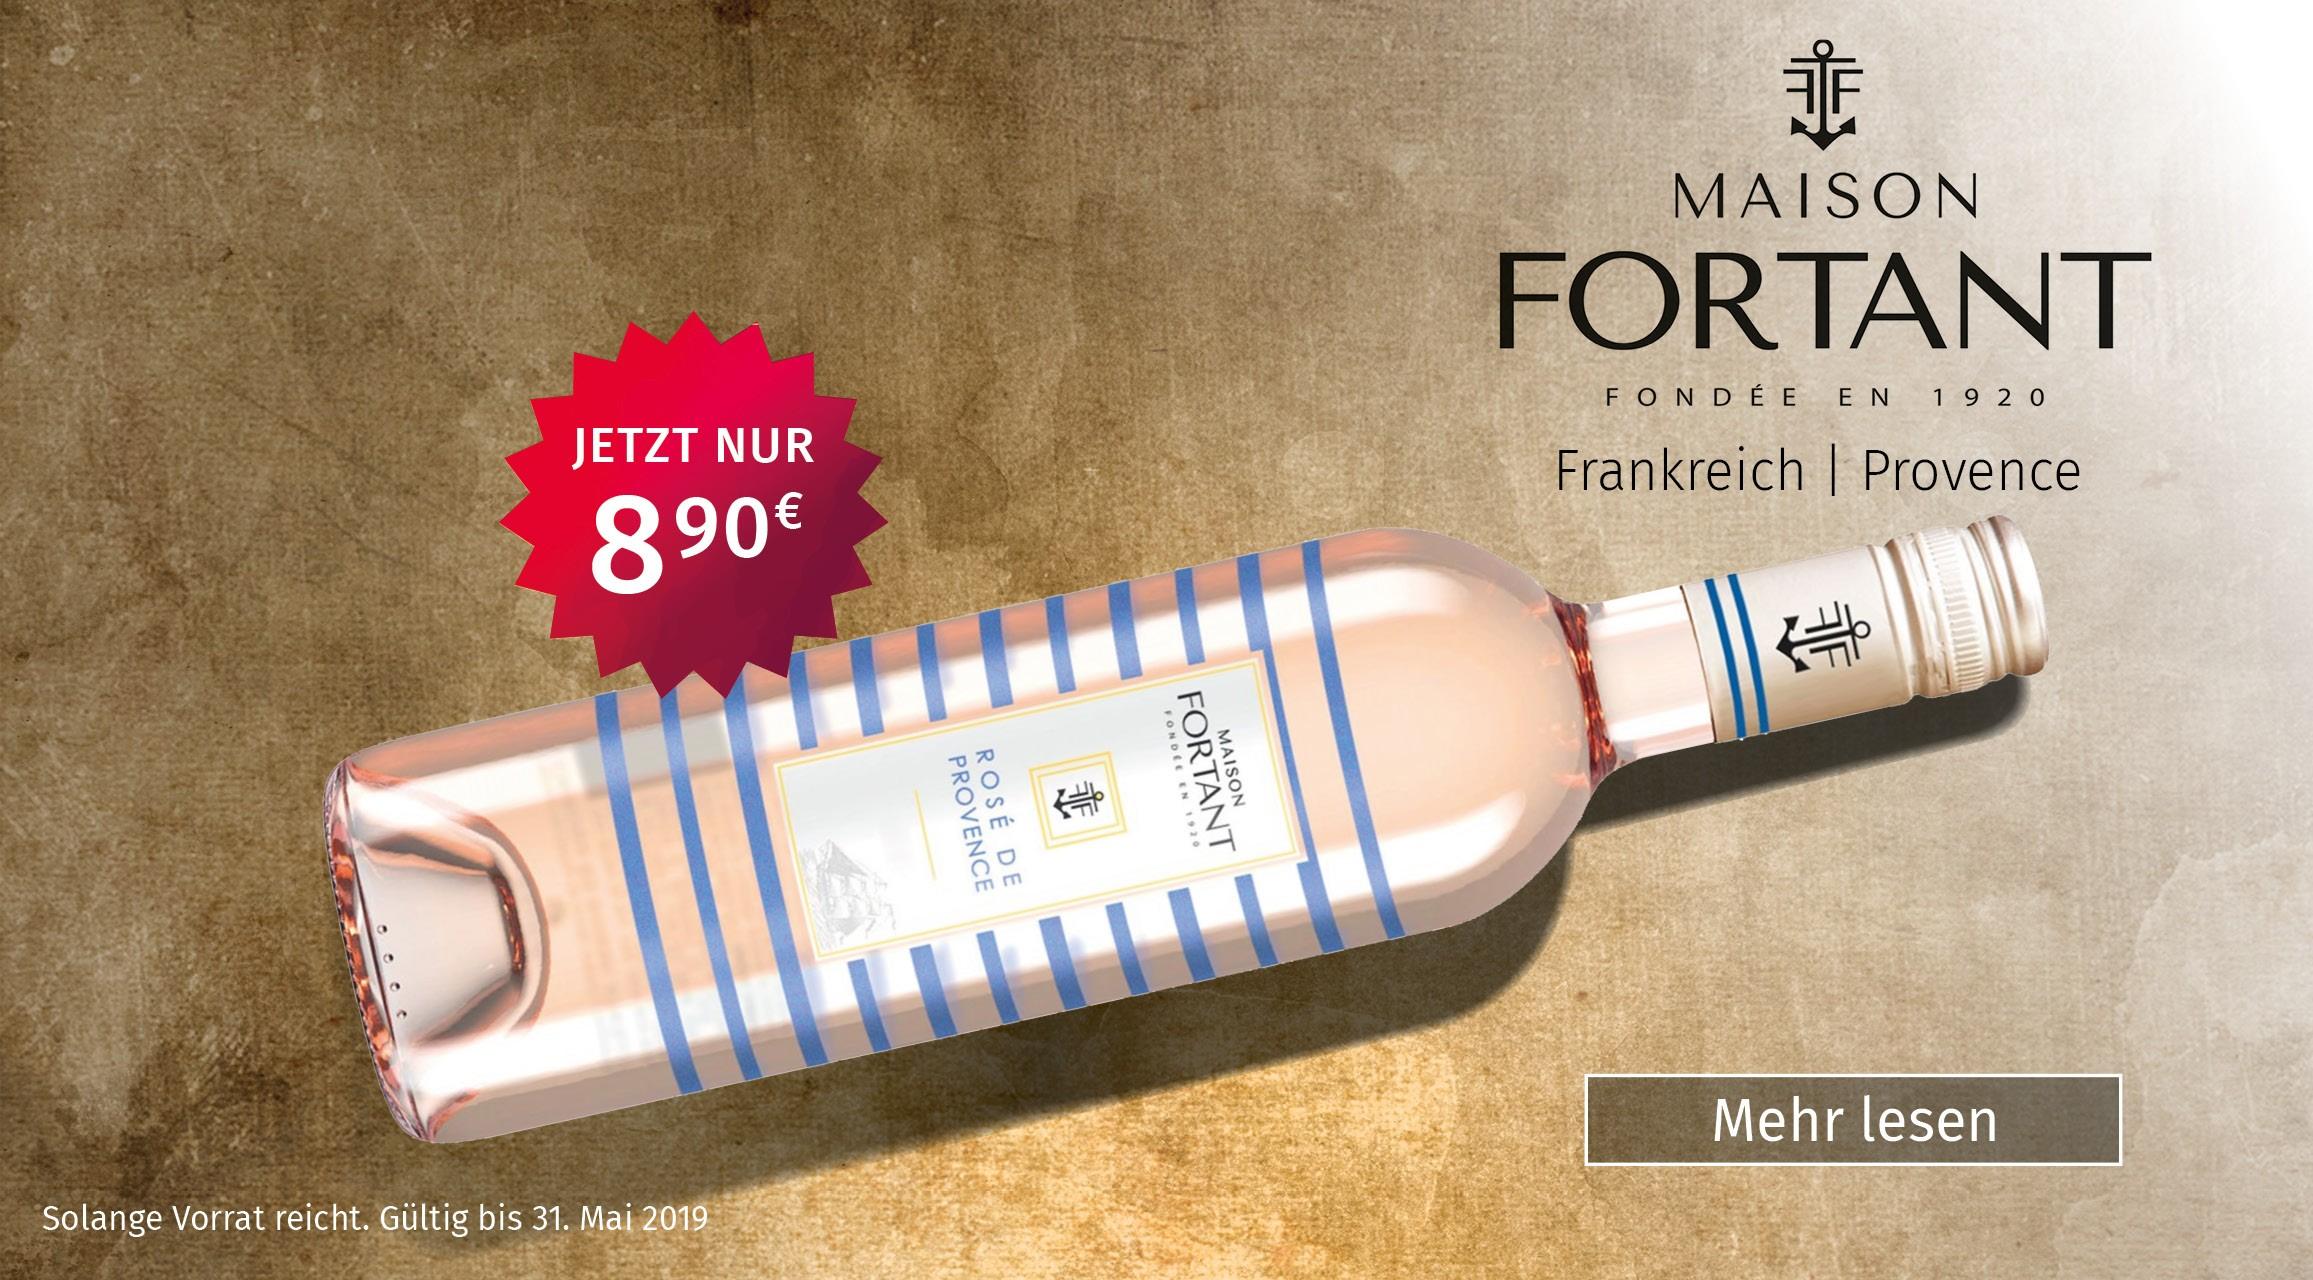 Wein Cabinet Briem, Wachtberg-Berkum, Rosé, Maison Fortant, Weinangebot,